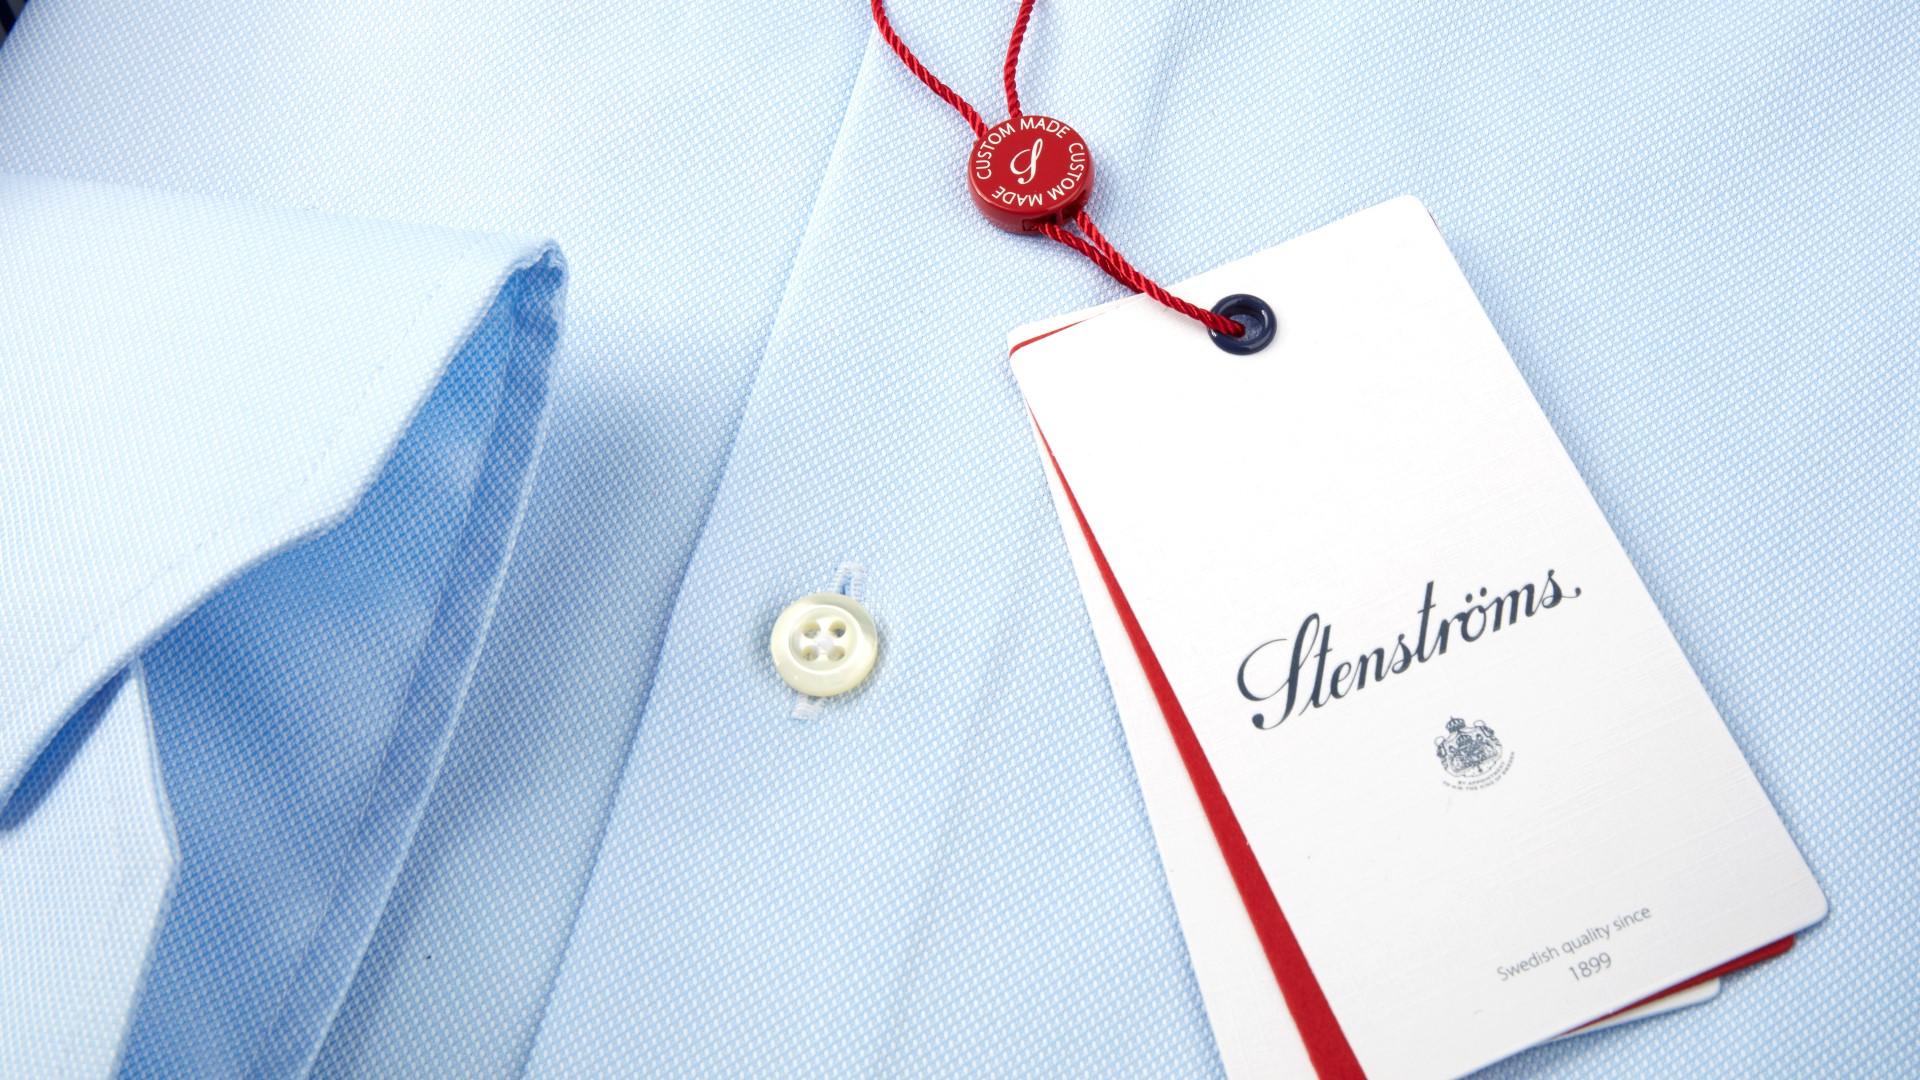 Skreddersydde skjorter Med stolthet siden 1899